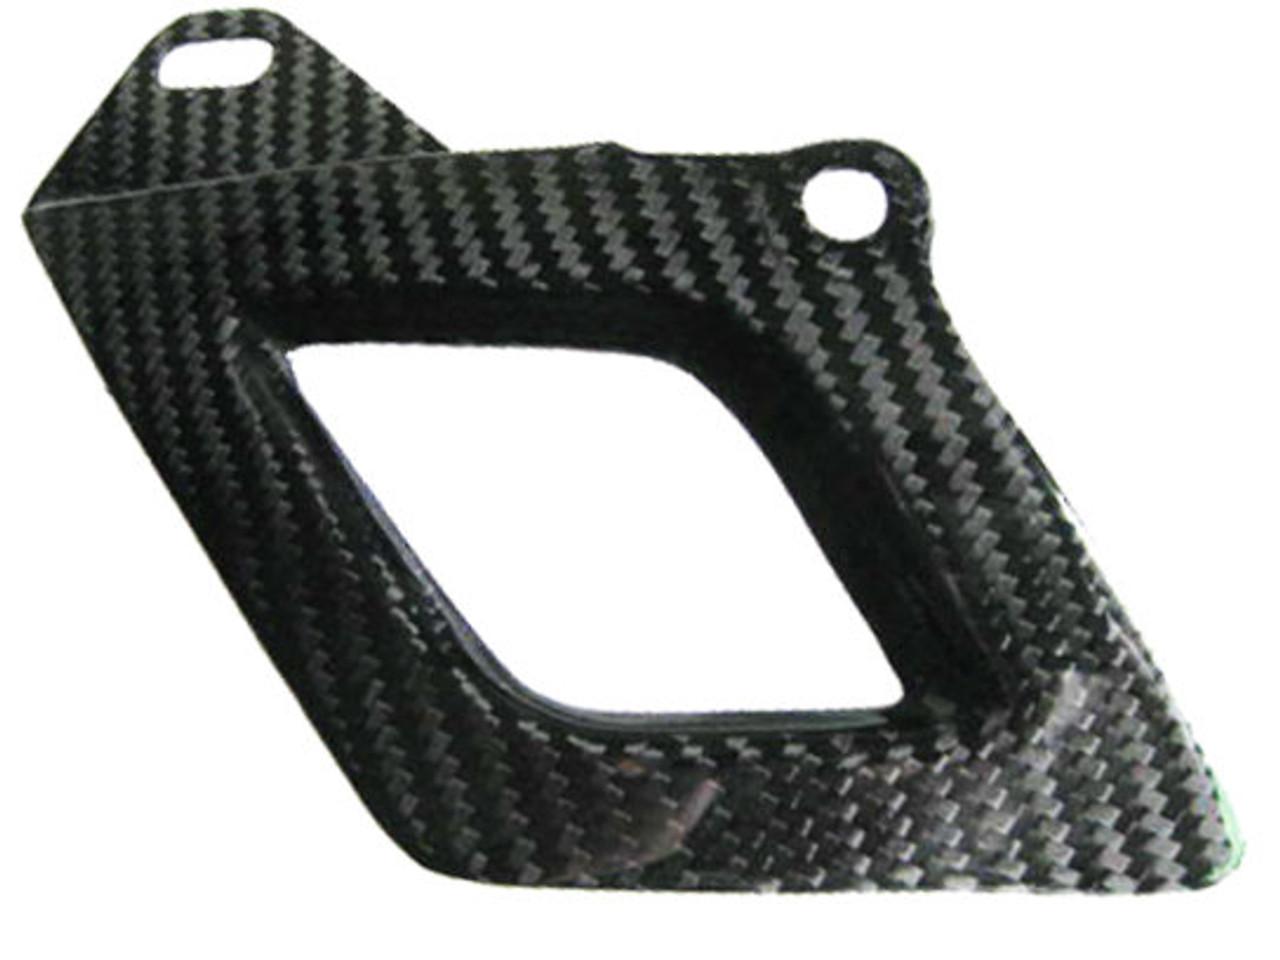 Glossy Twill Weave Carbon Fiber Lower Chain Guard for Aprilia RSV4 2009+ and Tuono V4 2011+